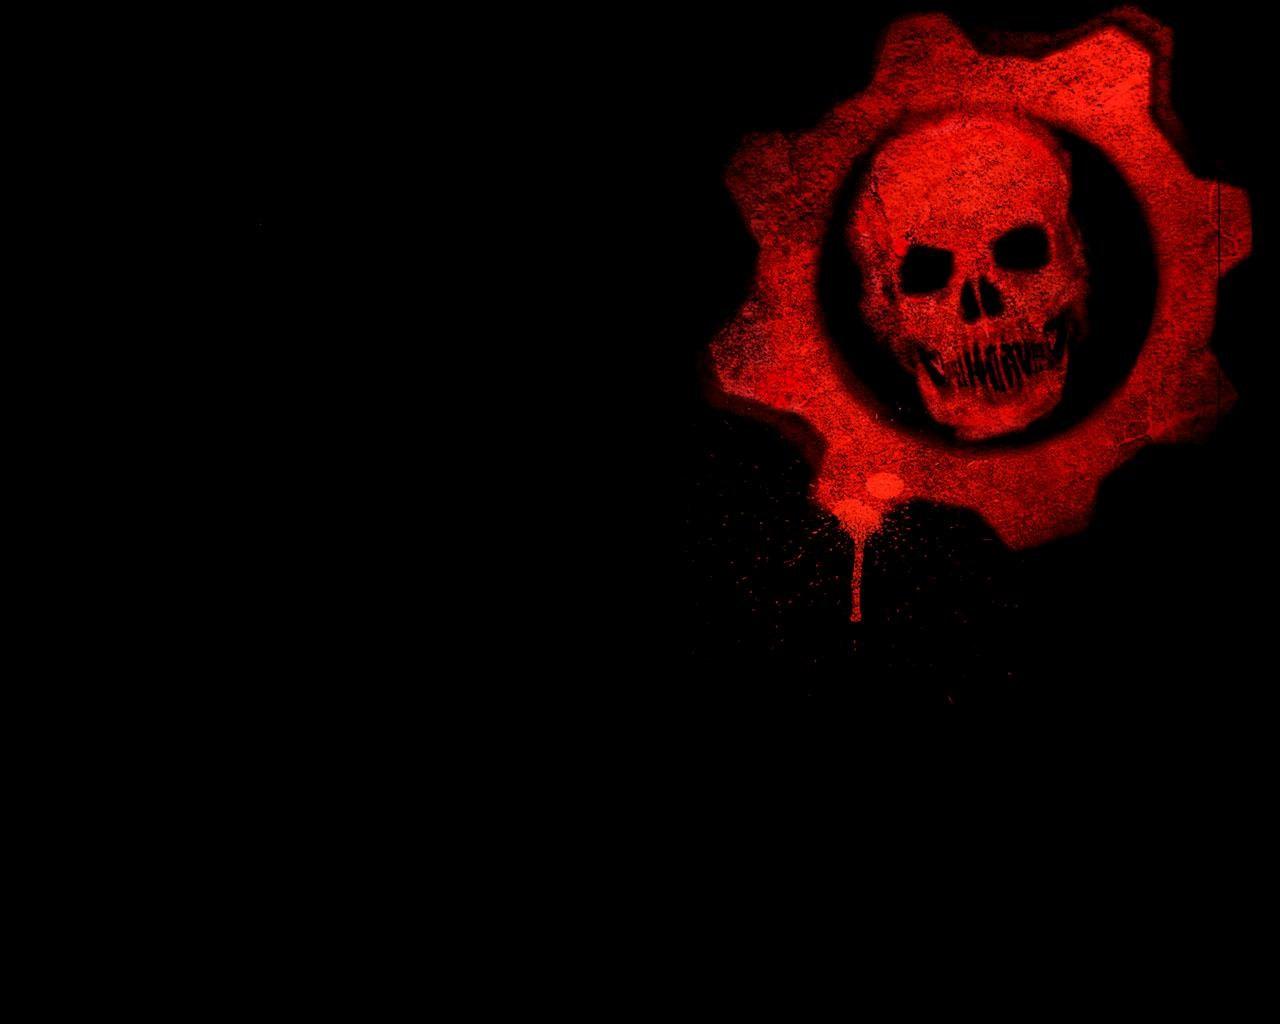 Wallpapers de Gears of war 3 HD DragonXoft 1280x1024